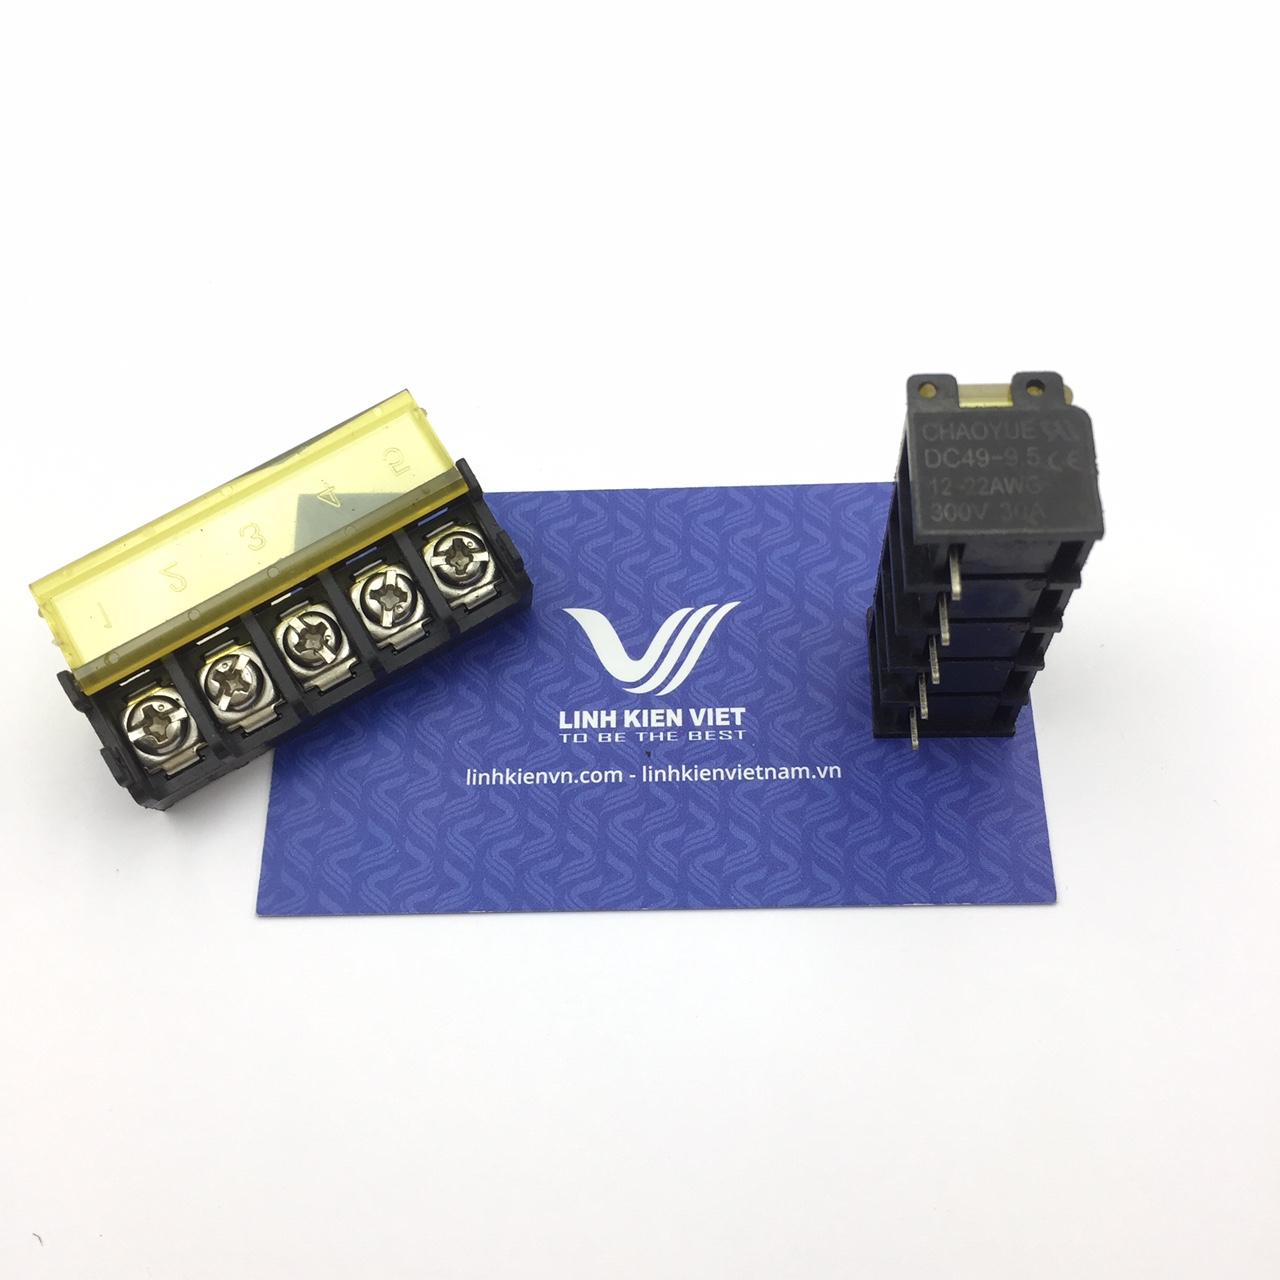 Cầu đấu terminal có nắp đậy HB9500-5P /DC49 - 9.5mm 5P - s1H11